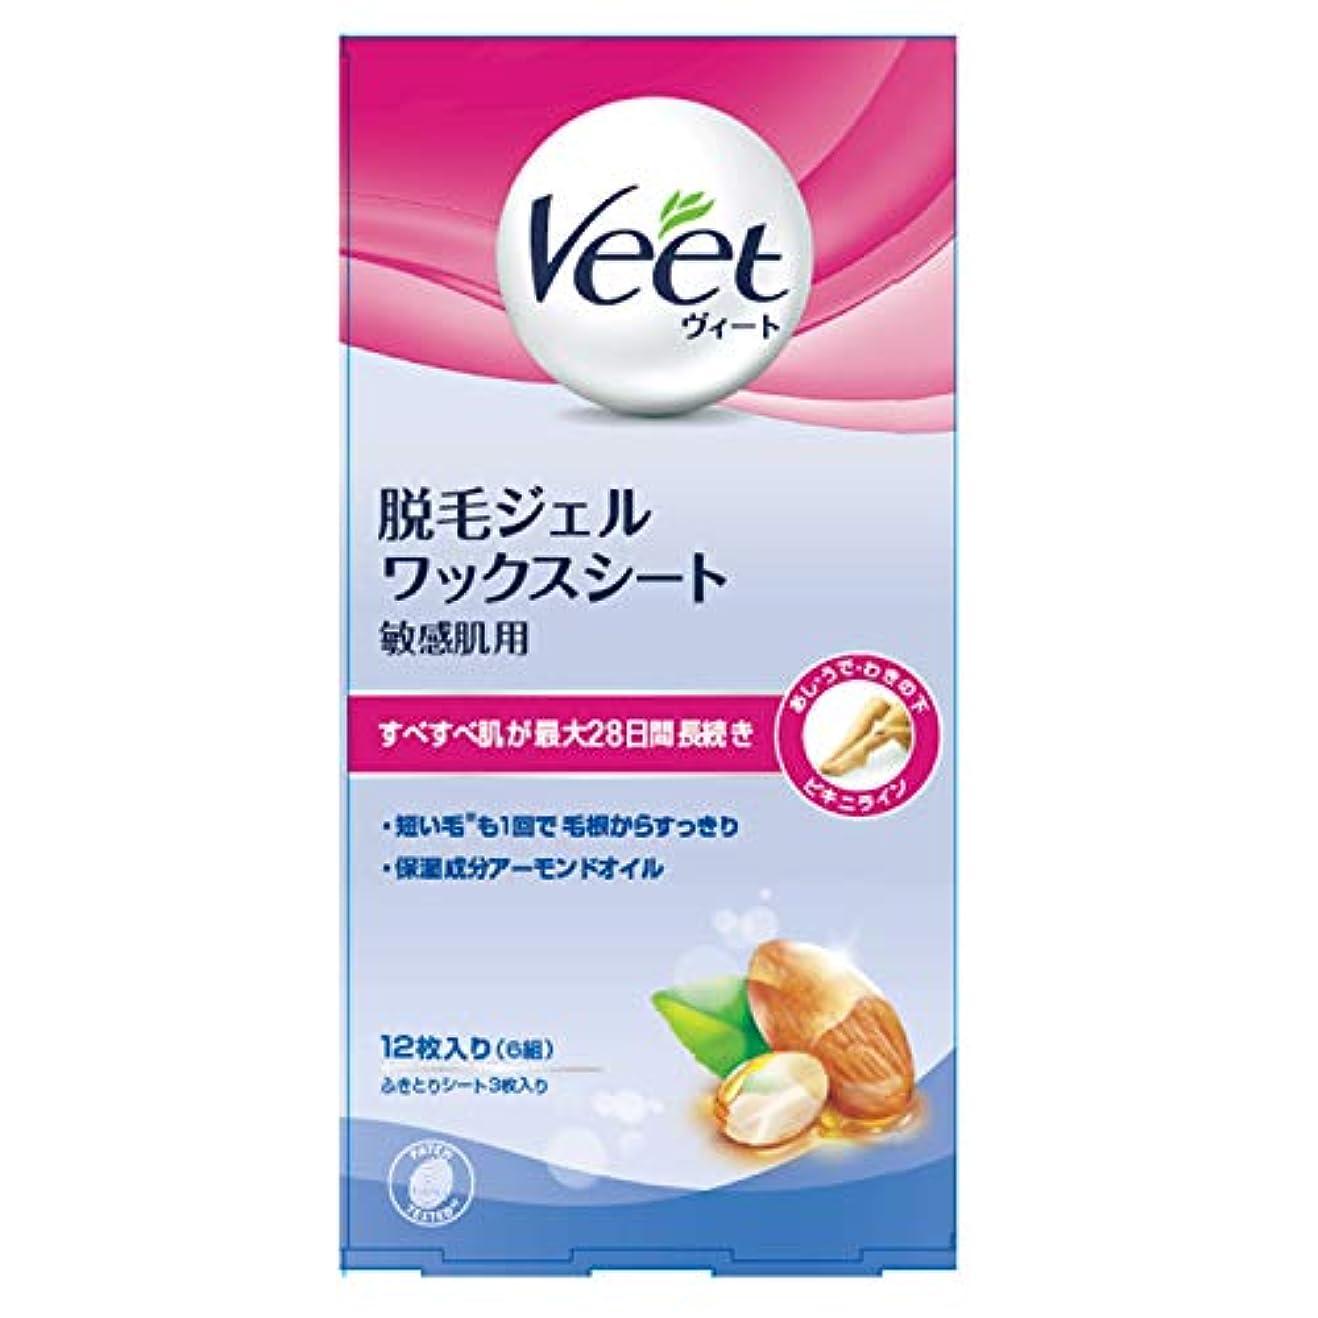 土砂降り温帯冒険者ヴィート 脱毛ワックスシート 敏感肌用 (Veet Wax Strips Sensitive)